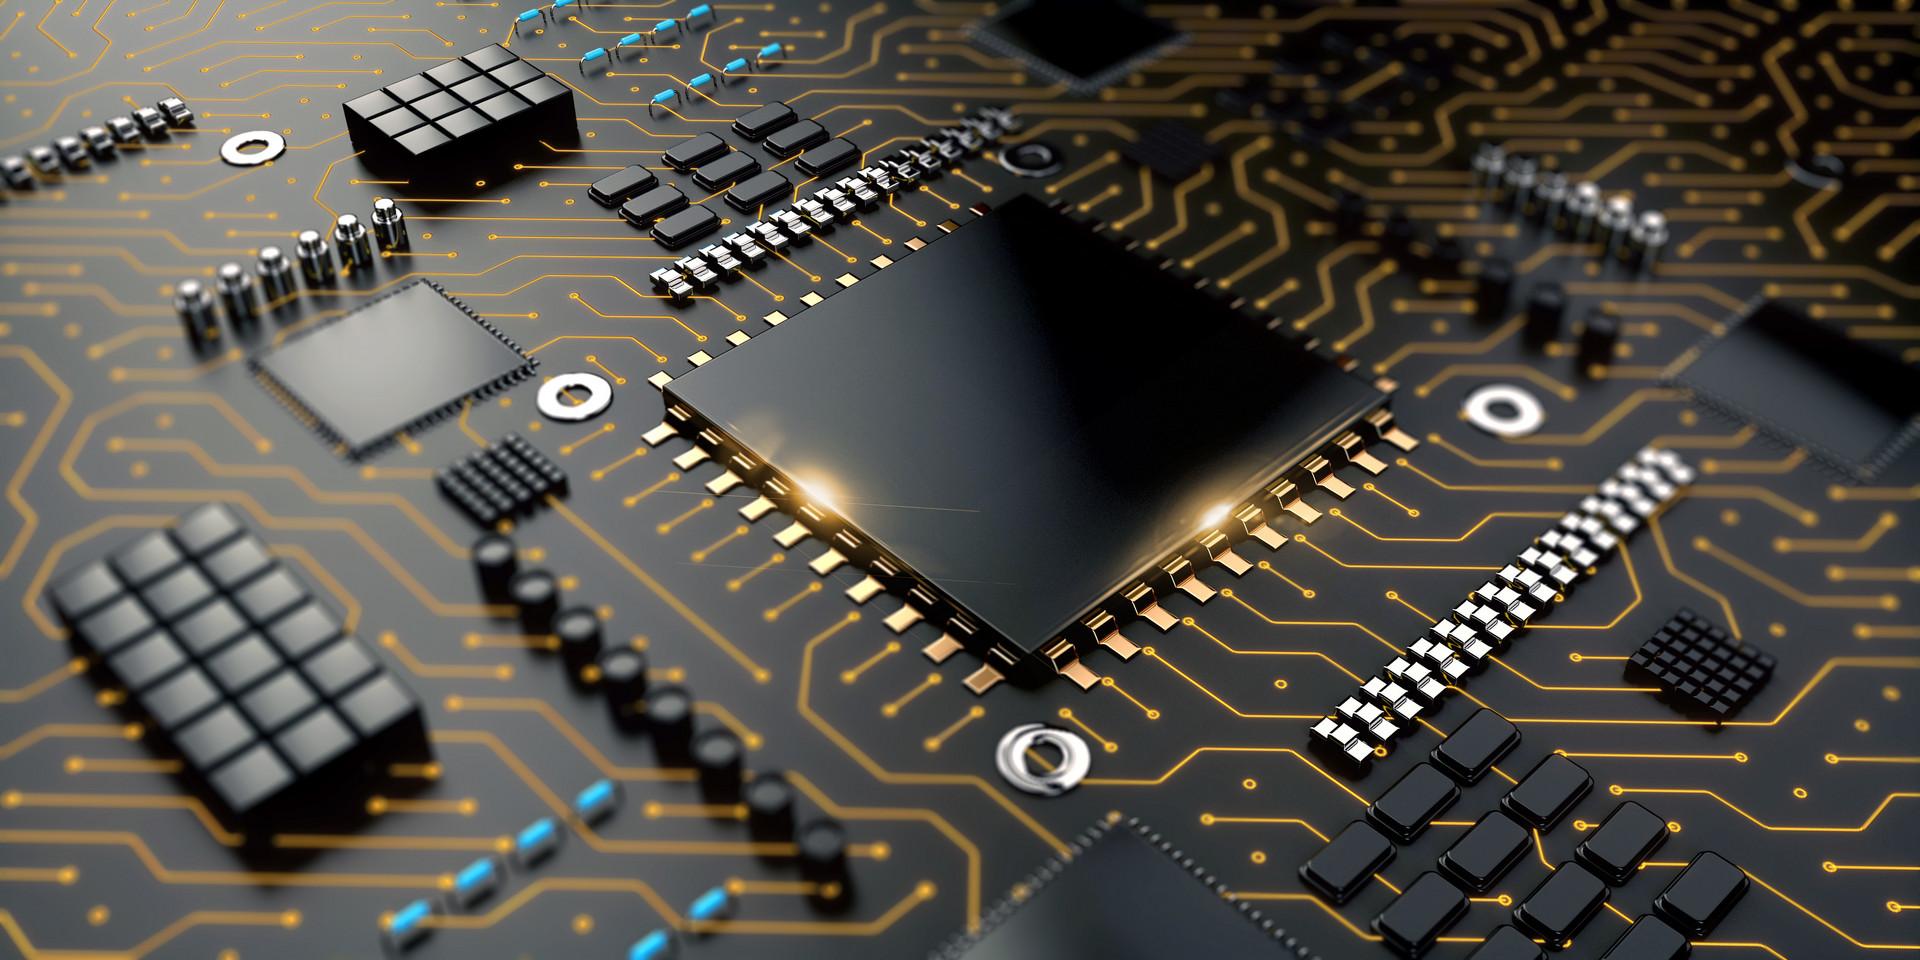 台积电供货紧俏,将扩大5nm芯片产能